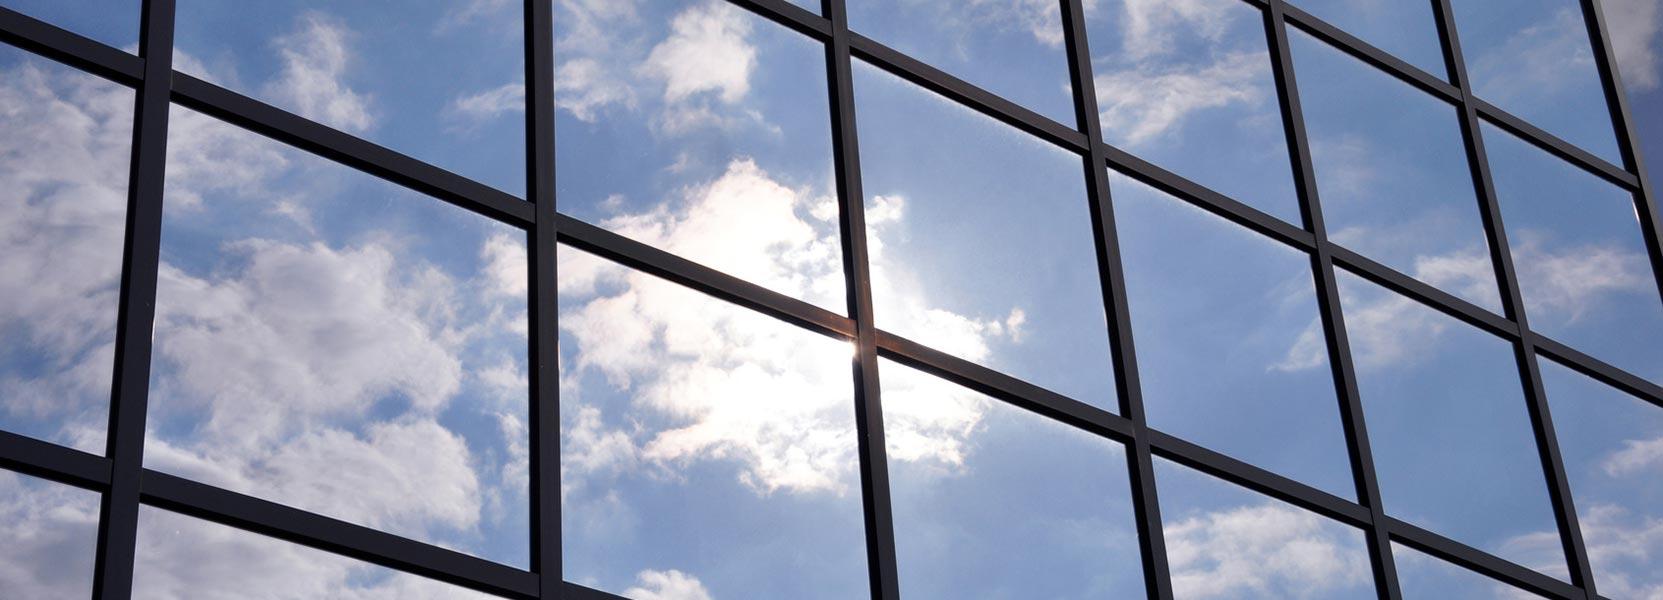 Full Size of Sonnenschutzfolie Fenster Innen Selbsthaftend Anbringen Montage Entfernen Baumarkt Hitzeschutzfolie Doppelverglasung Test Oder Aussen Obi Sicht Und Fenster Sonnenschutzfolie Fenster Innen